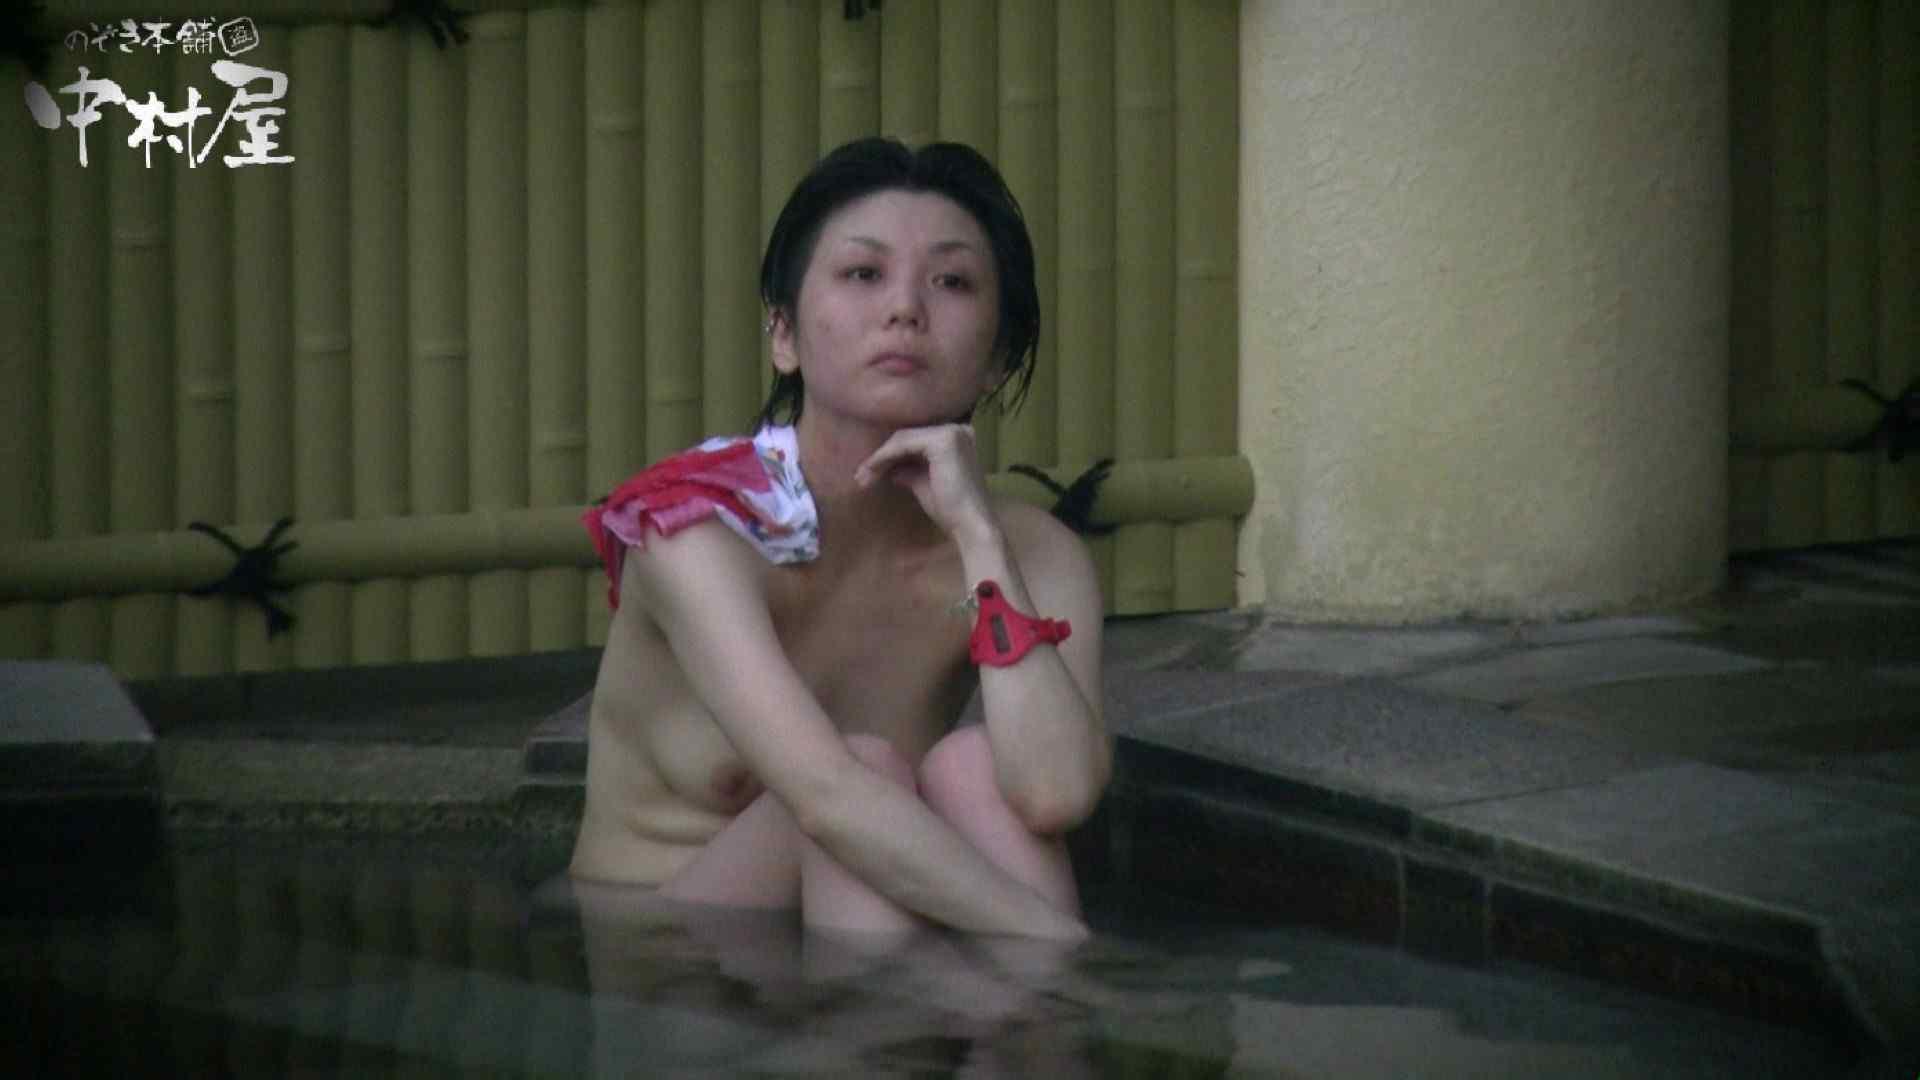 Aquaな露天風呂Vol.884 盗撮師作品 | 美しいOLの裸体  92pic 88